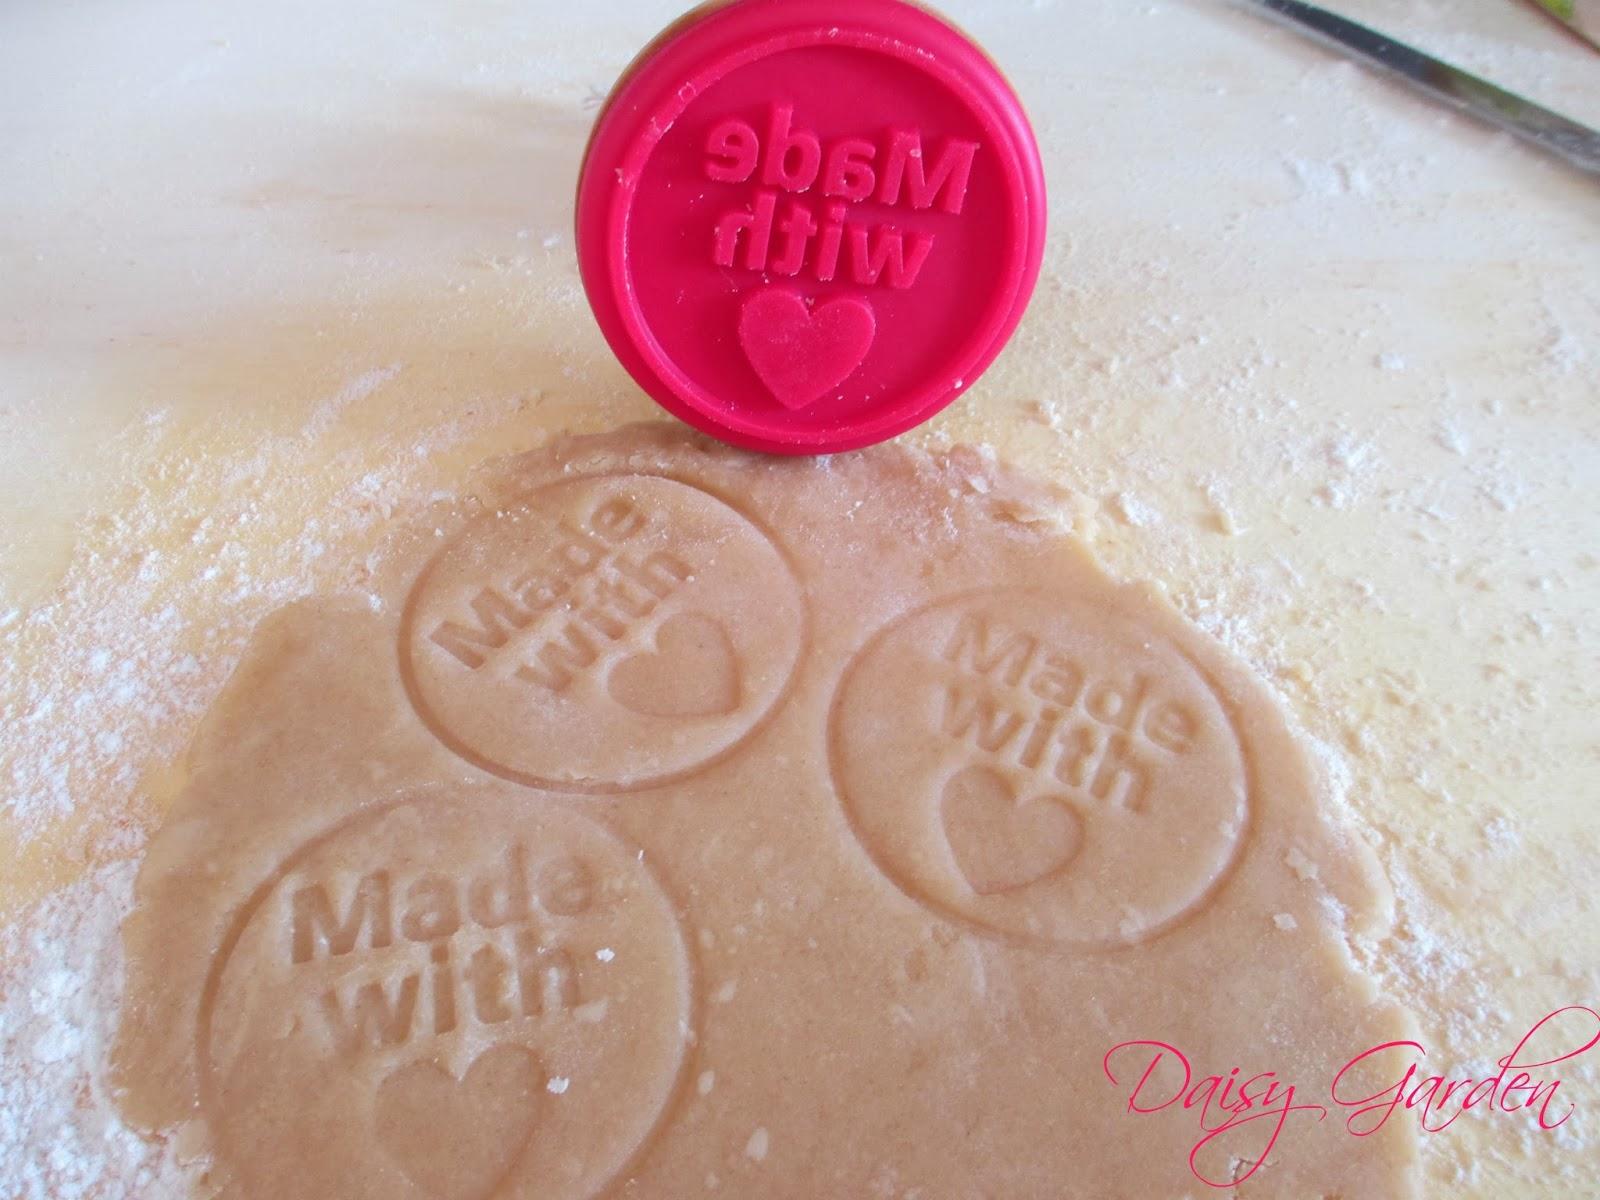 regalino edibile per natale, biscotti handmade